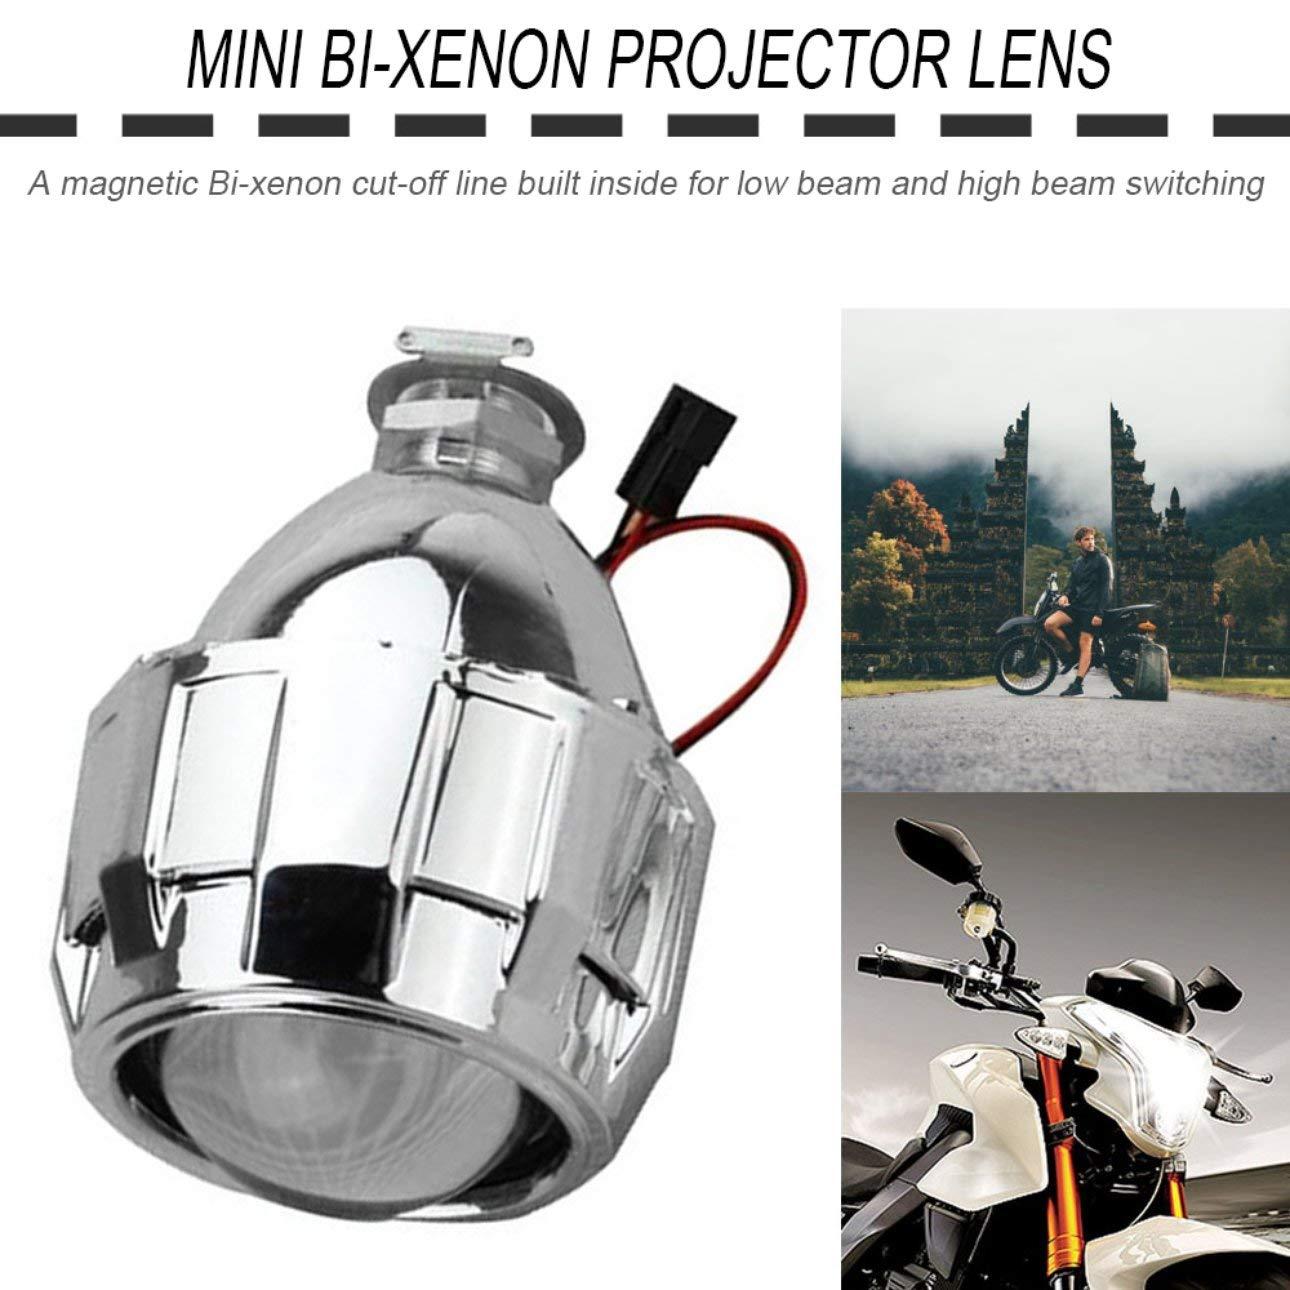 Ballylelly 2.5 Pollici Xenon Mini Bi-Xenon HID Trasparente Proiettore Copriobiettivo Copertura Faro Faro Personalizzato H1 H4 H7 Argento